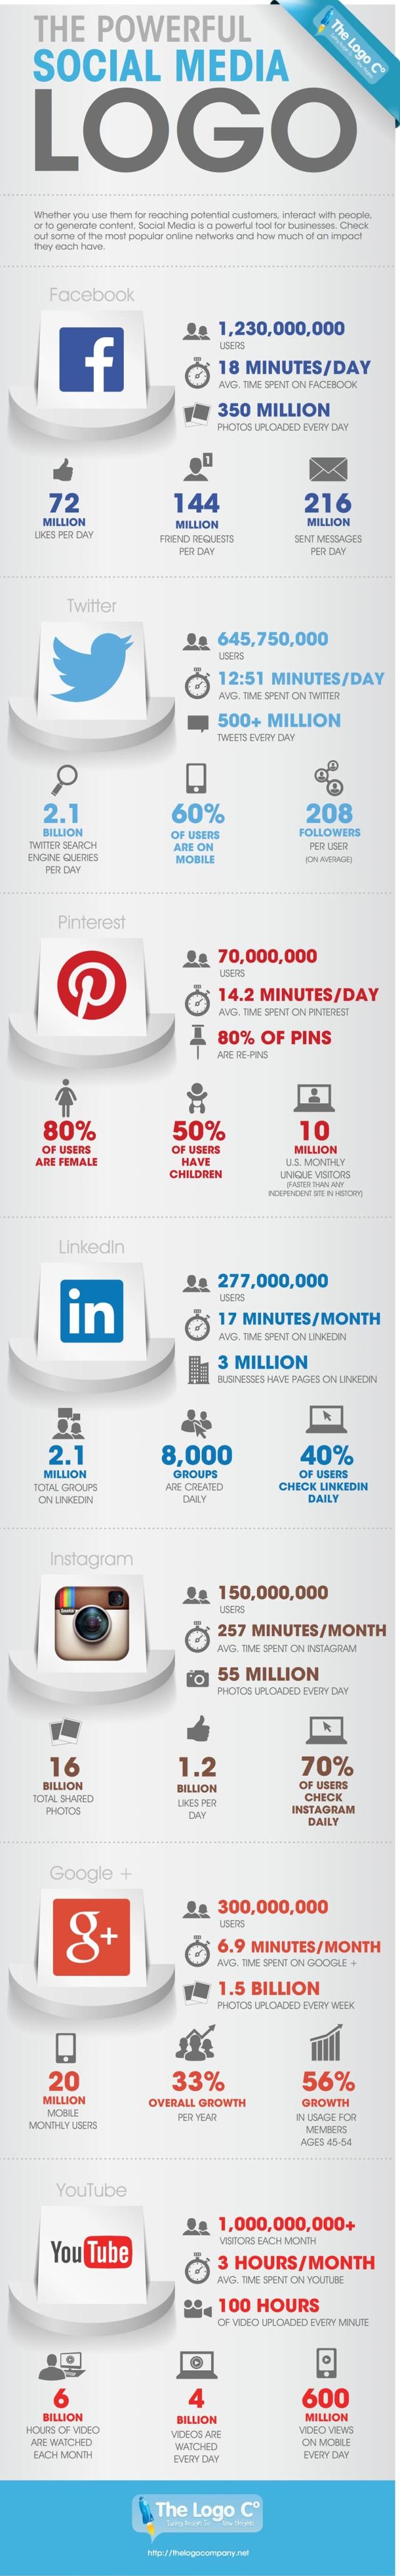 Impresionantes datos sobre las principales Redes Sociales